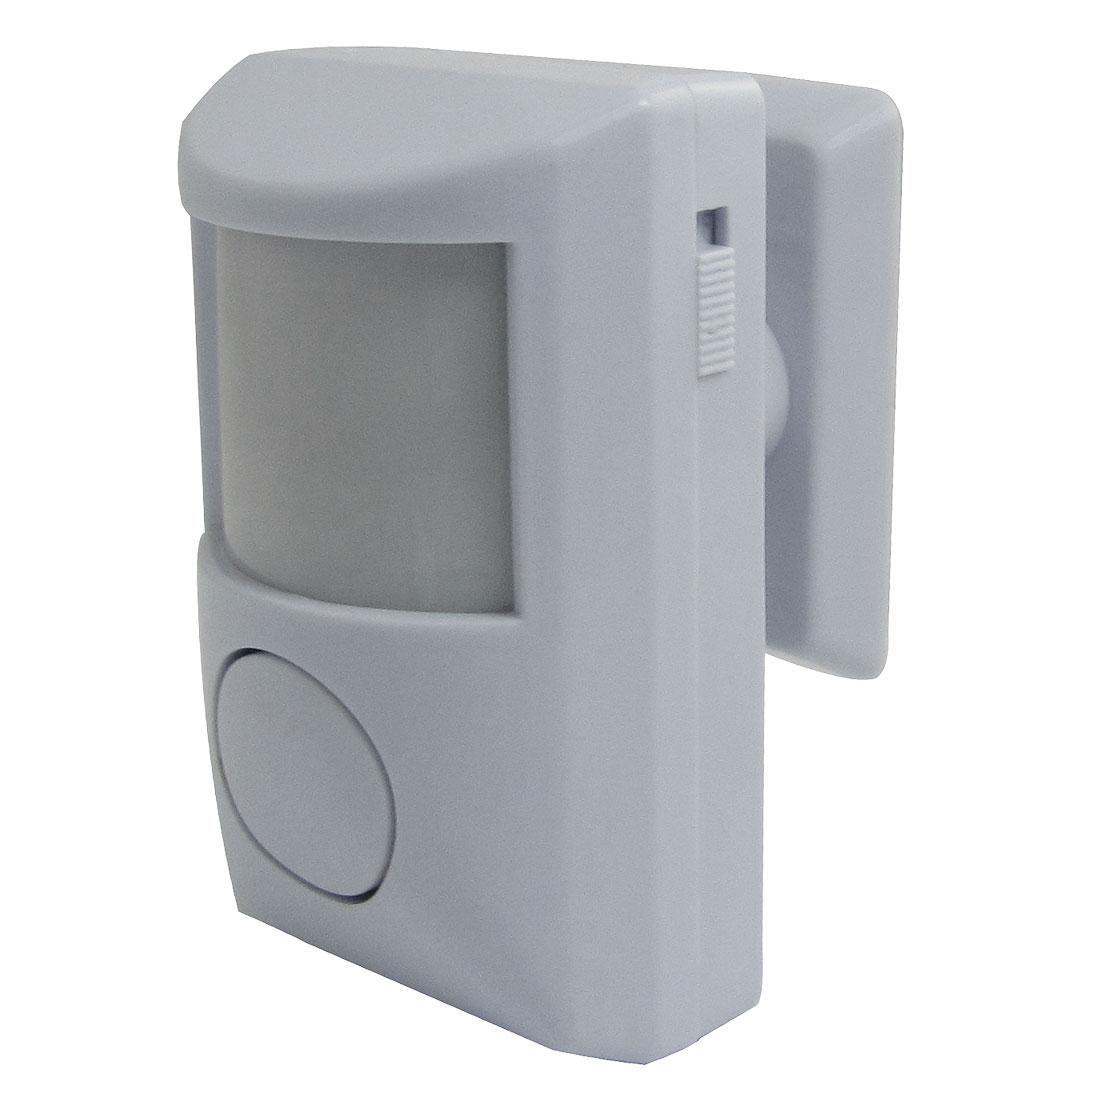 Home Office PIR Sensor Alarm Infrared Motion Detector w Bracket